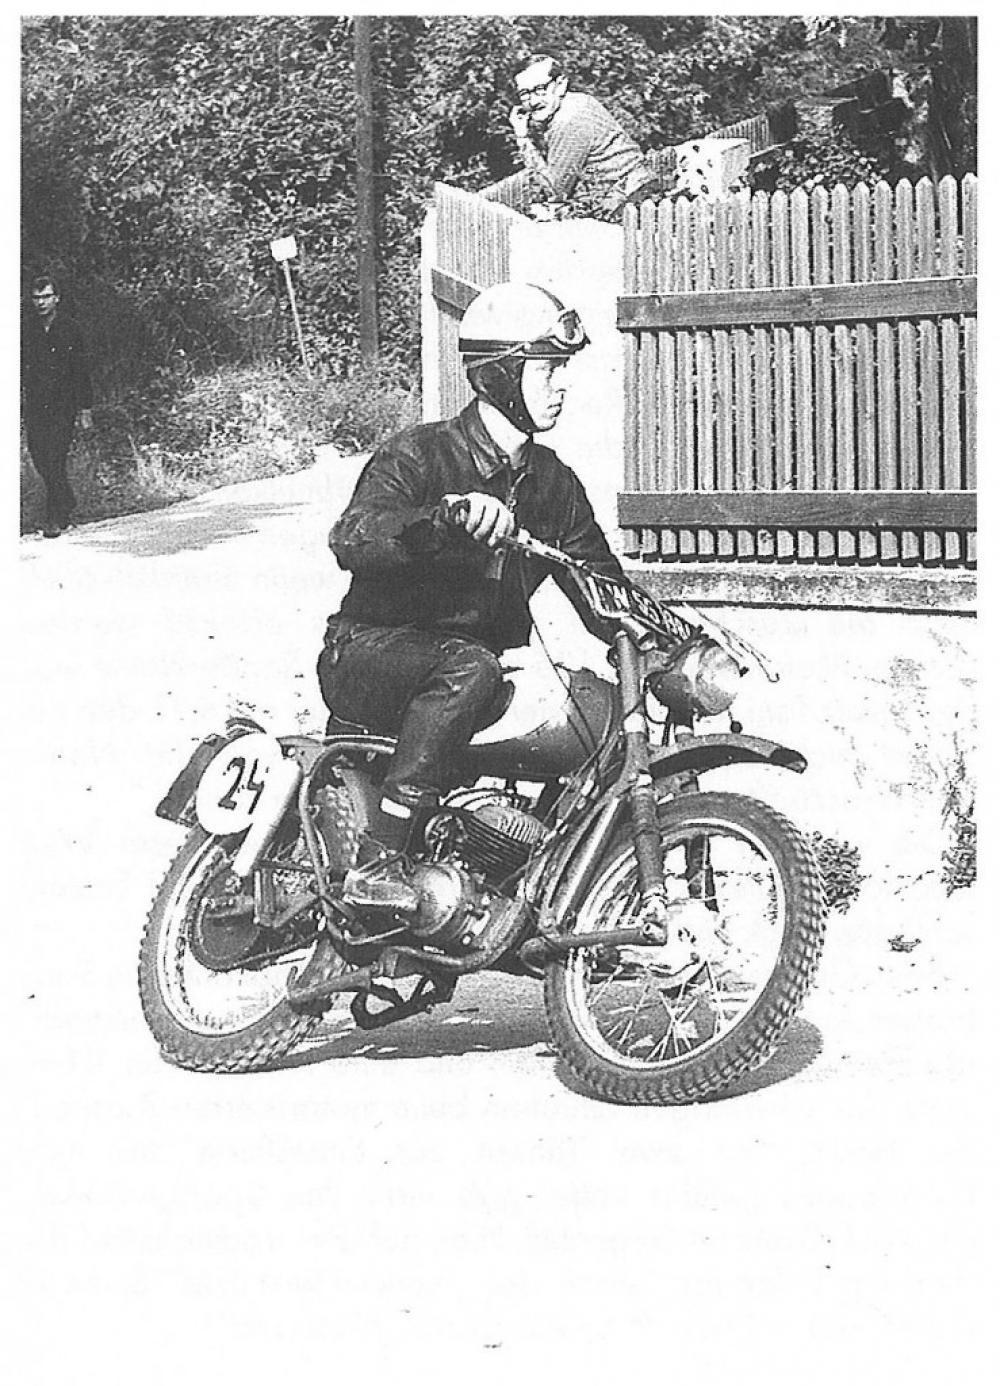 La storia del fuoristrada di KTM: 1962